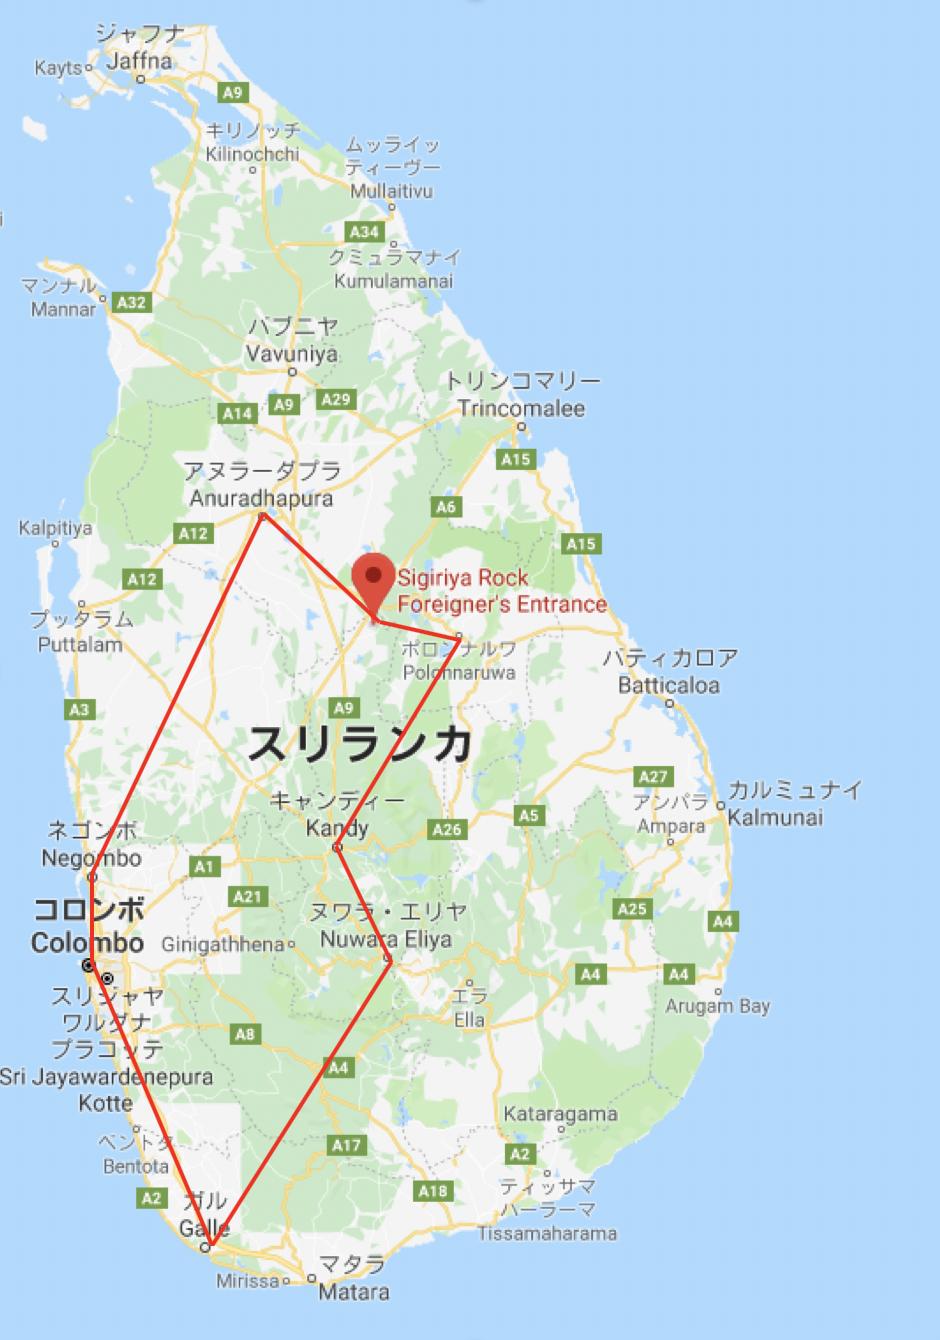 スリランカ旅行のルート